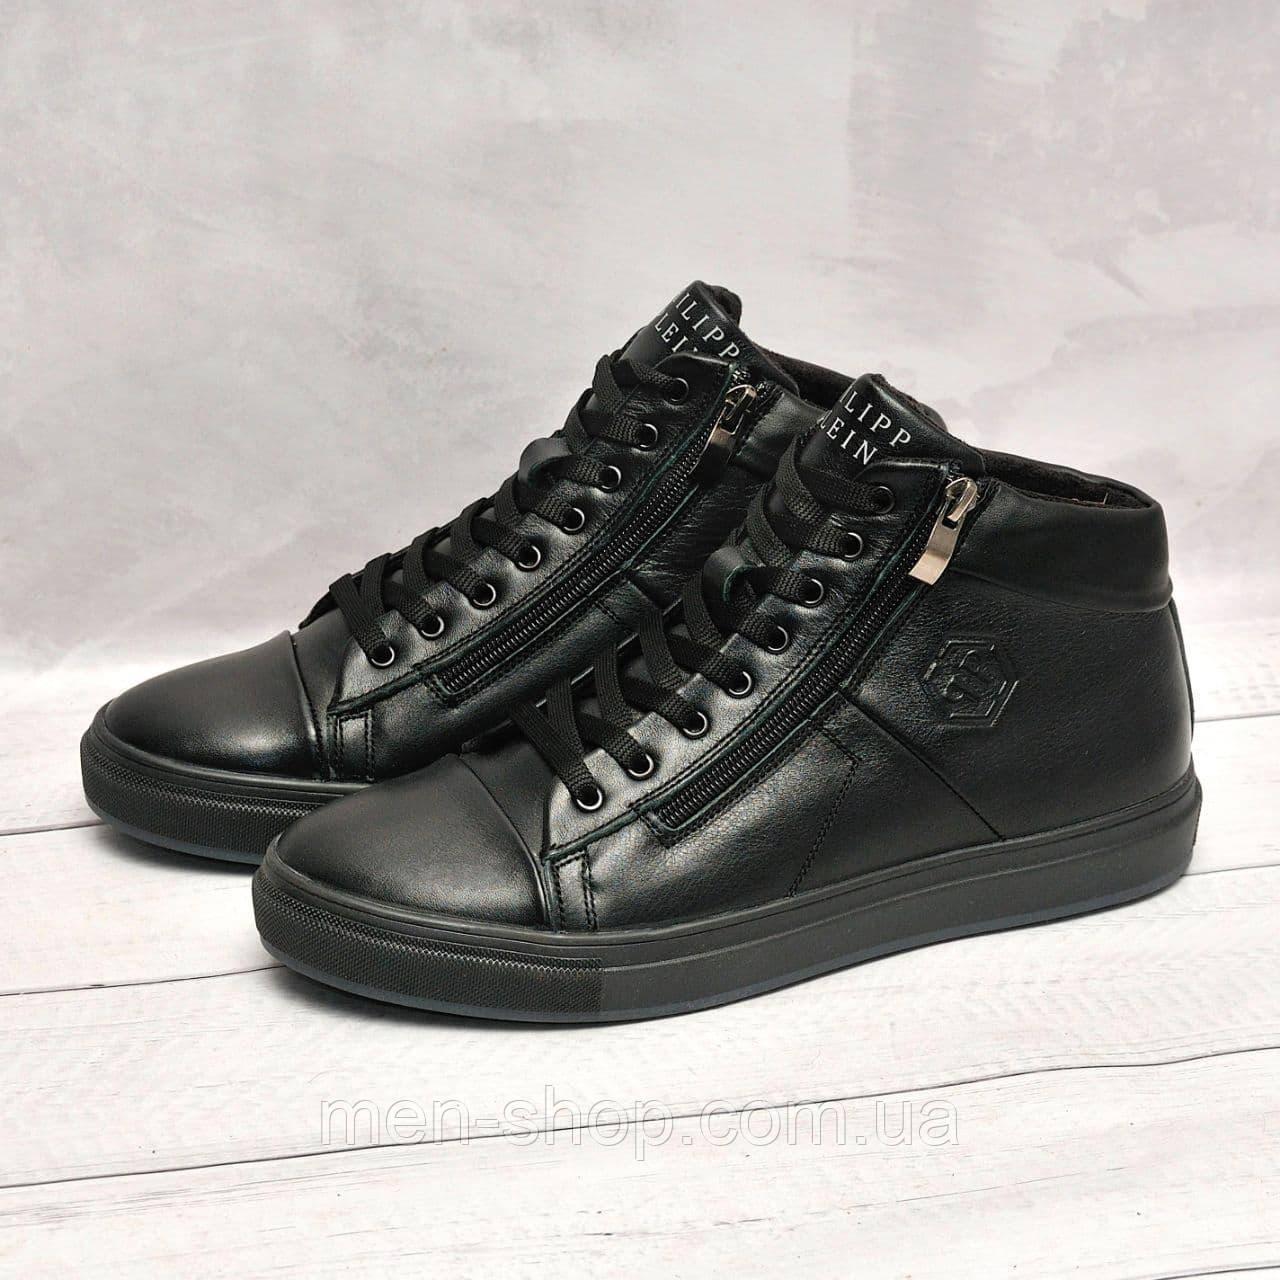 Philipp plein зимние ботинки на меху